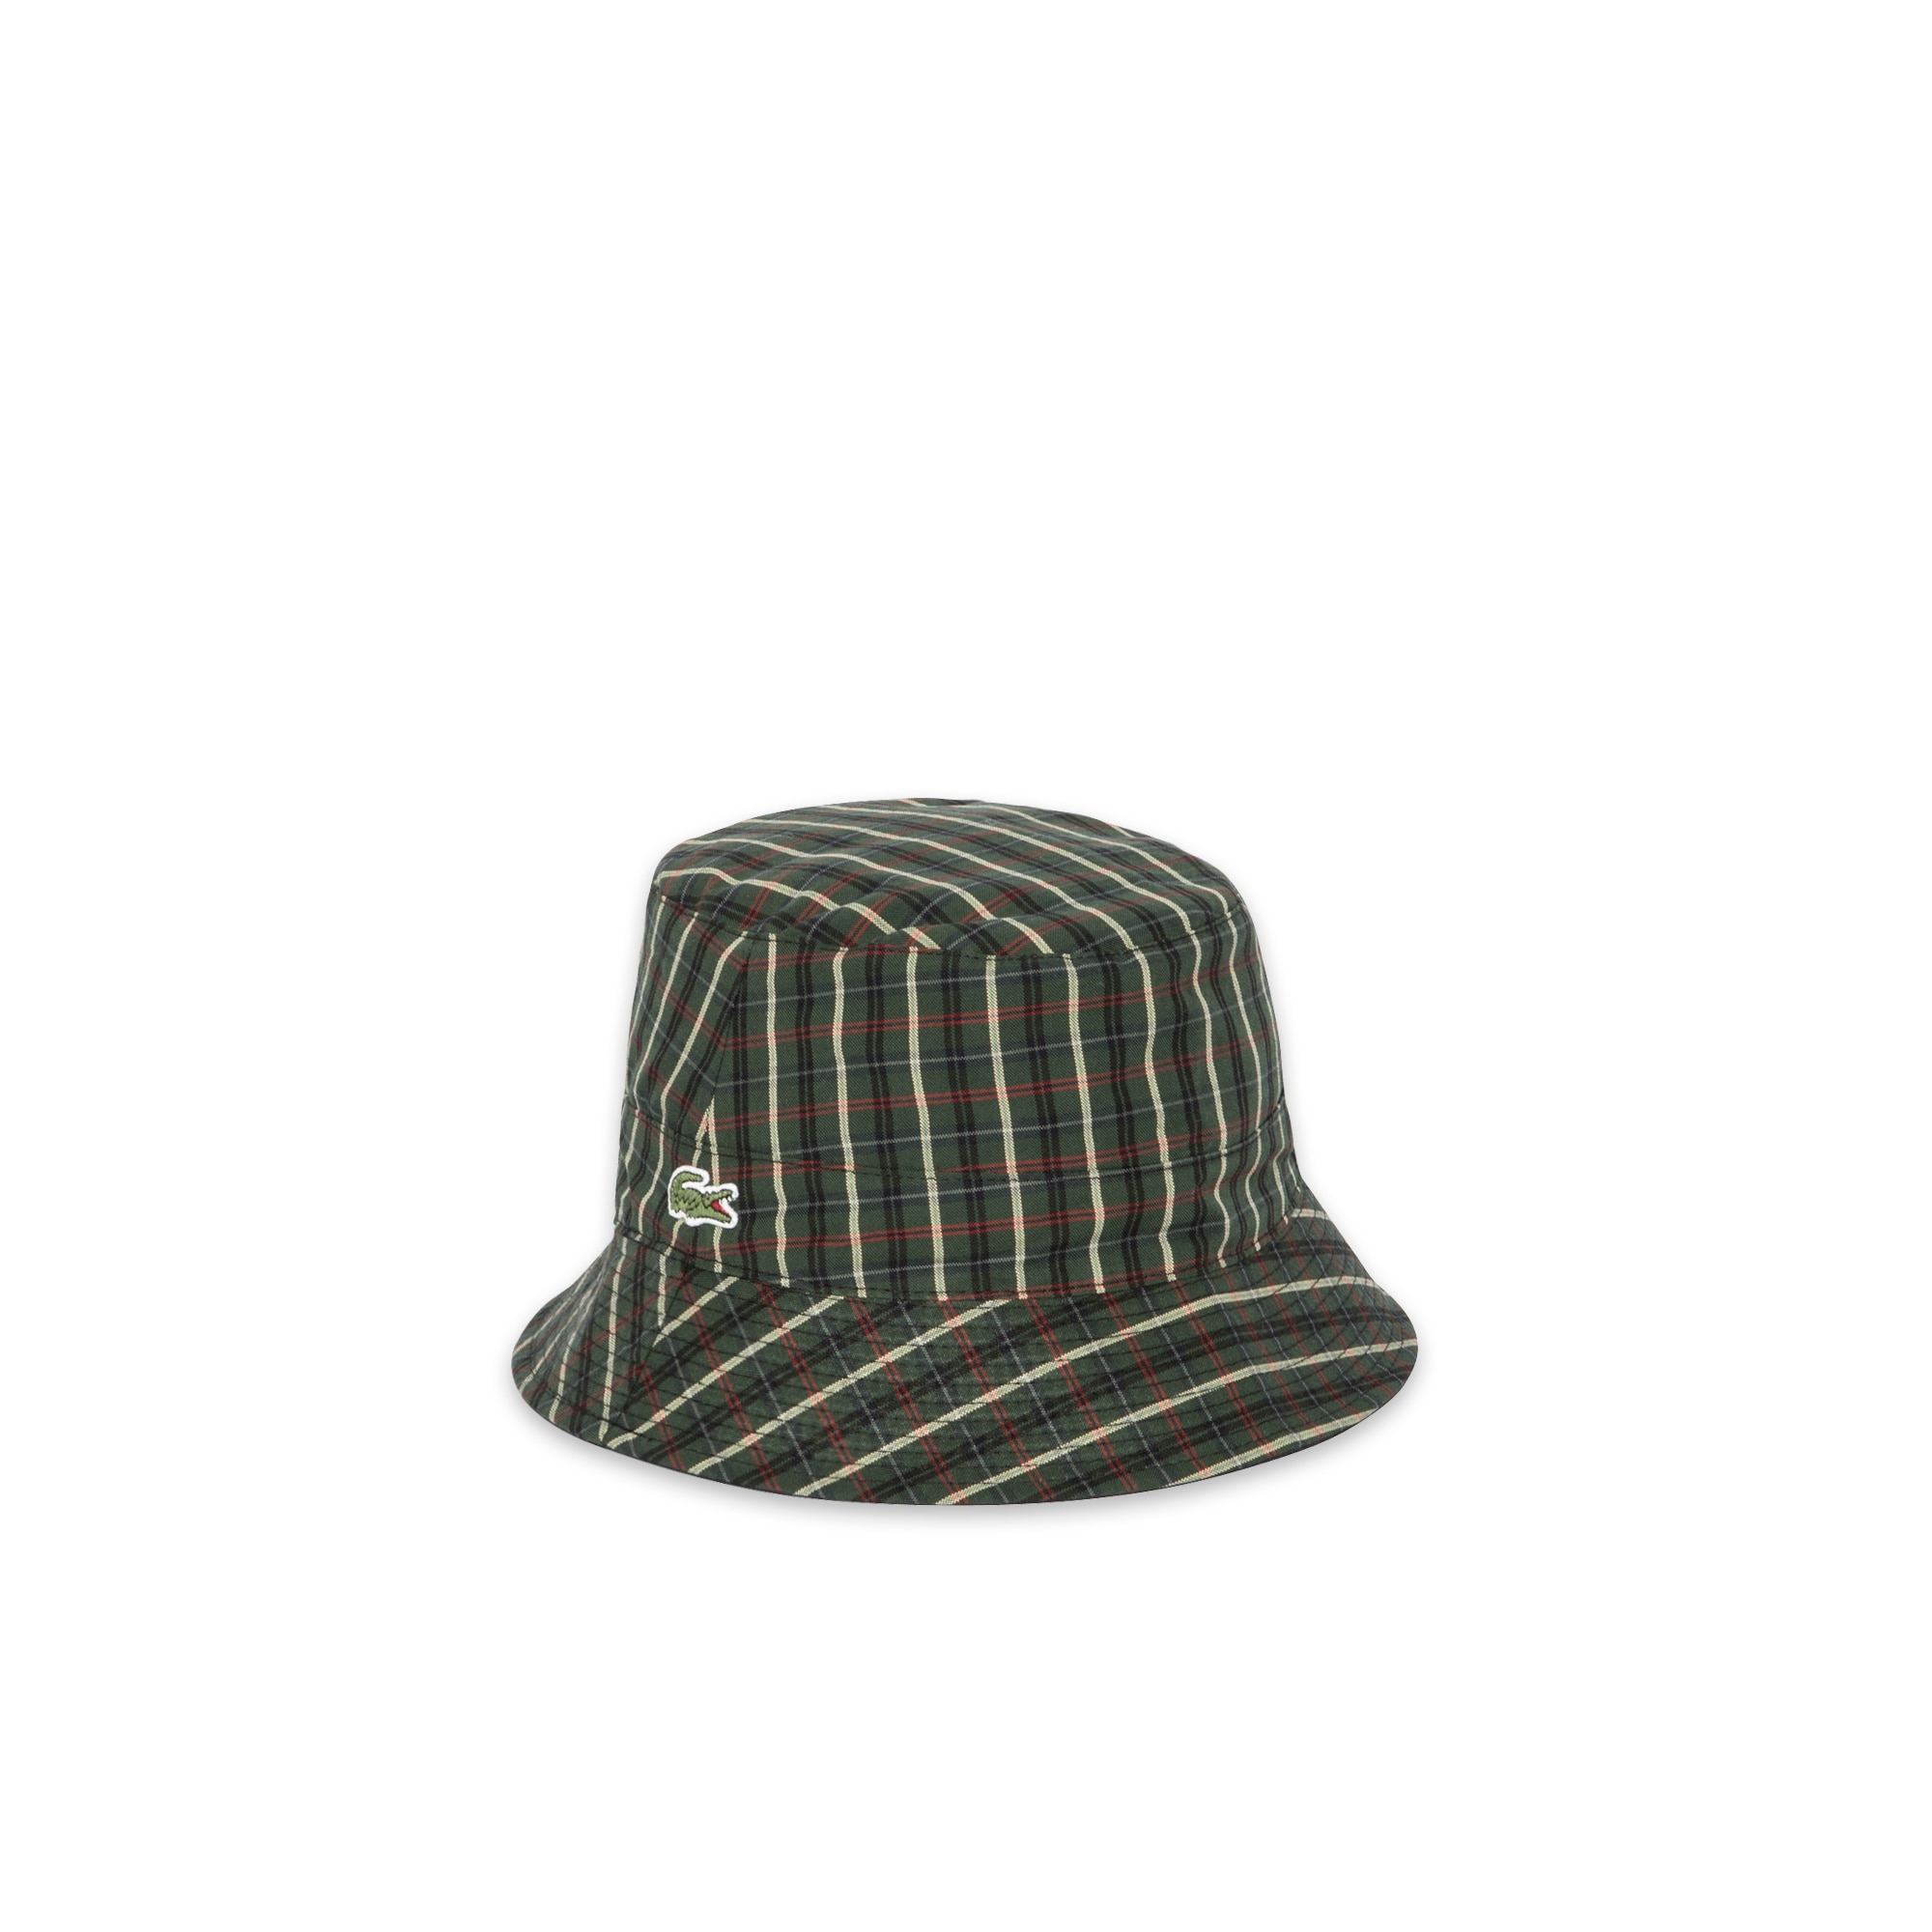 [패션쇼] 리버시블 포플린 캔버스 모자